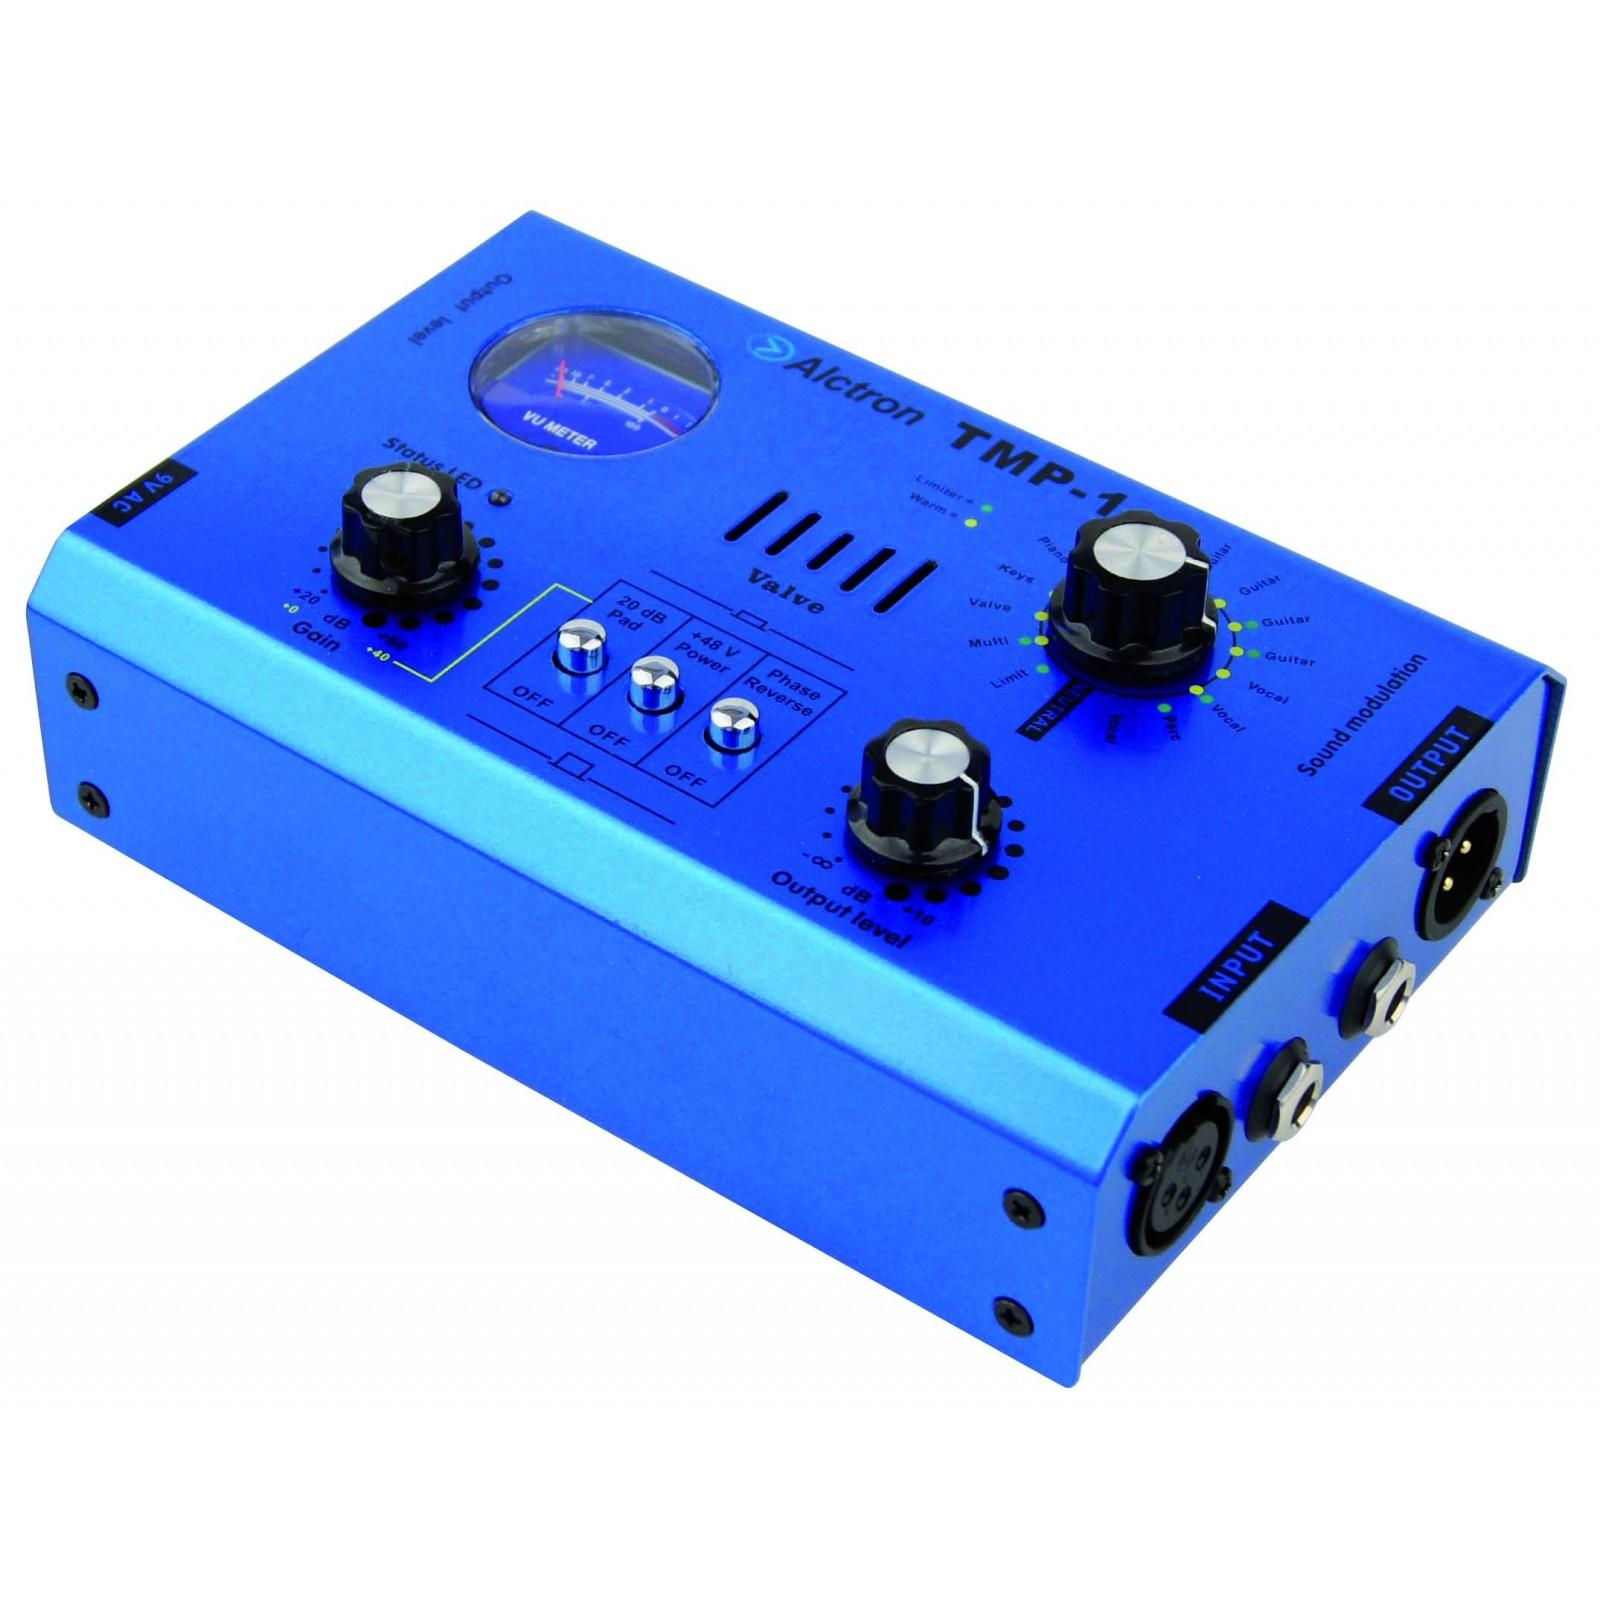 Alctron Tmp 1 Preampli Micro Xlr A Lampe